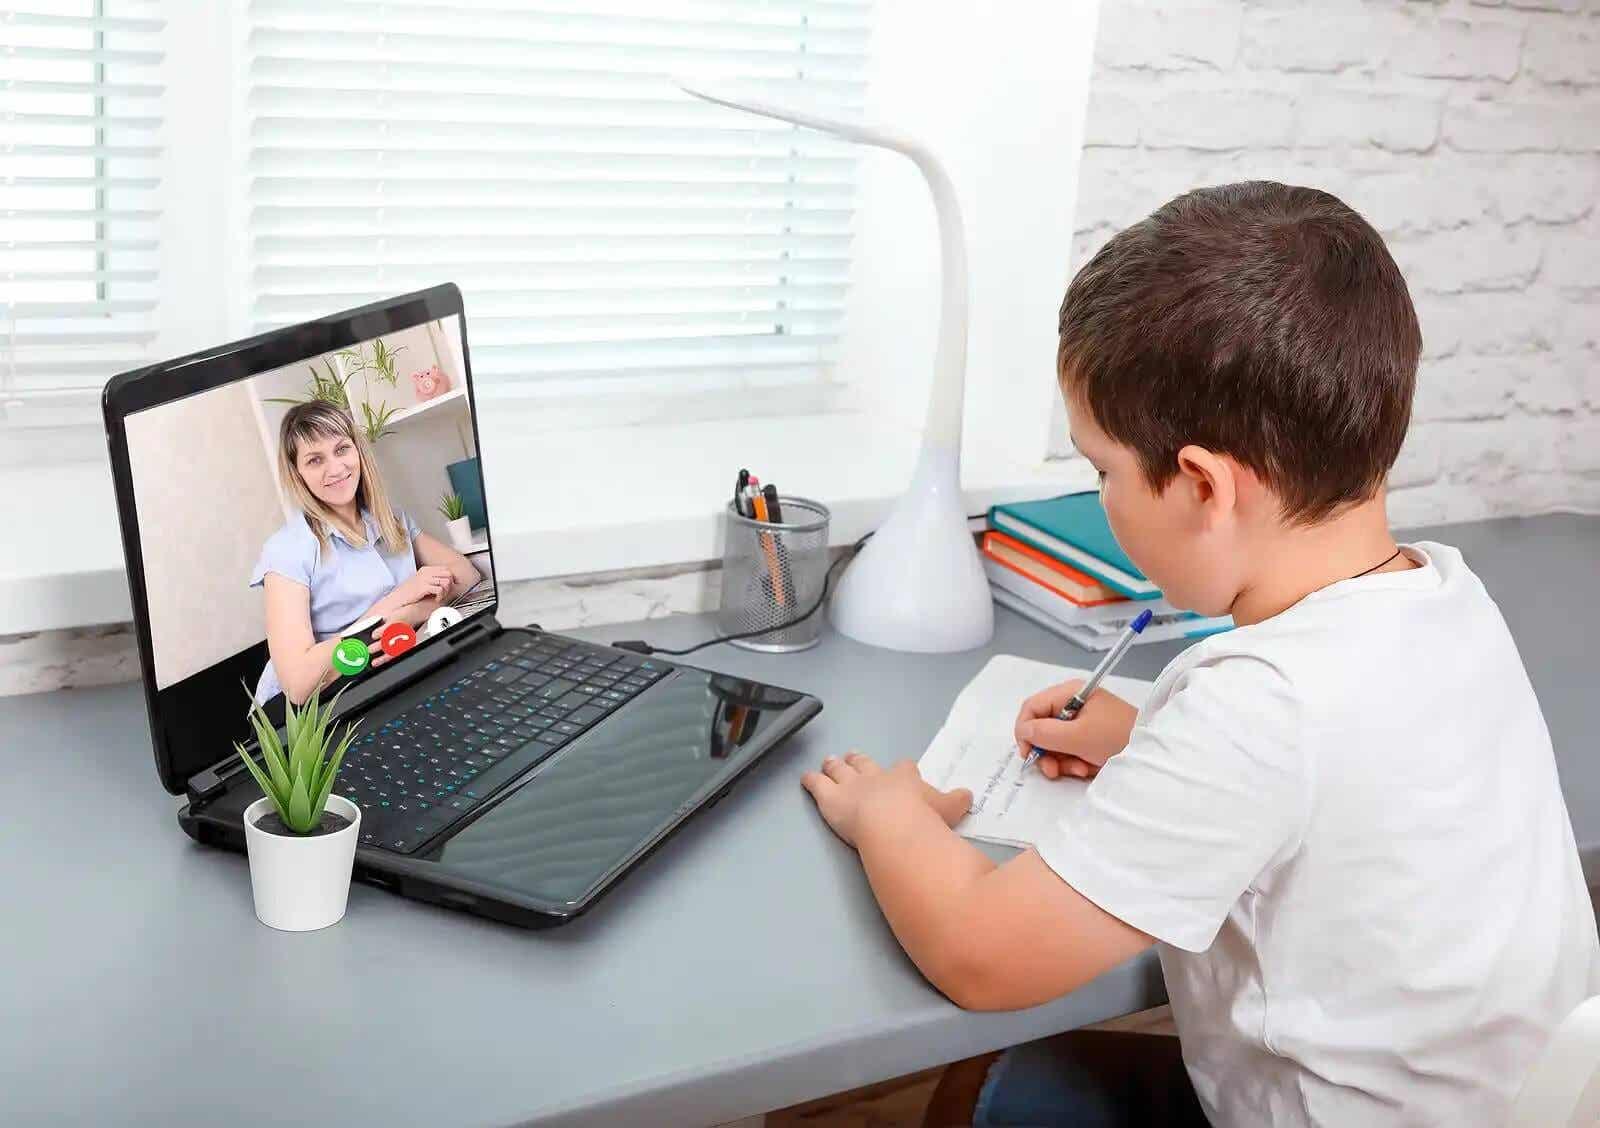 Det kan vara svårt att koncentrera sig på skolan hemma